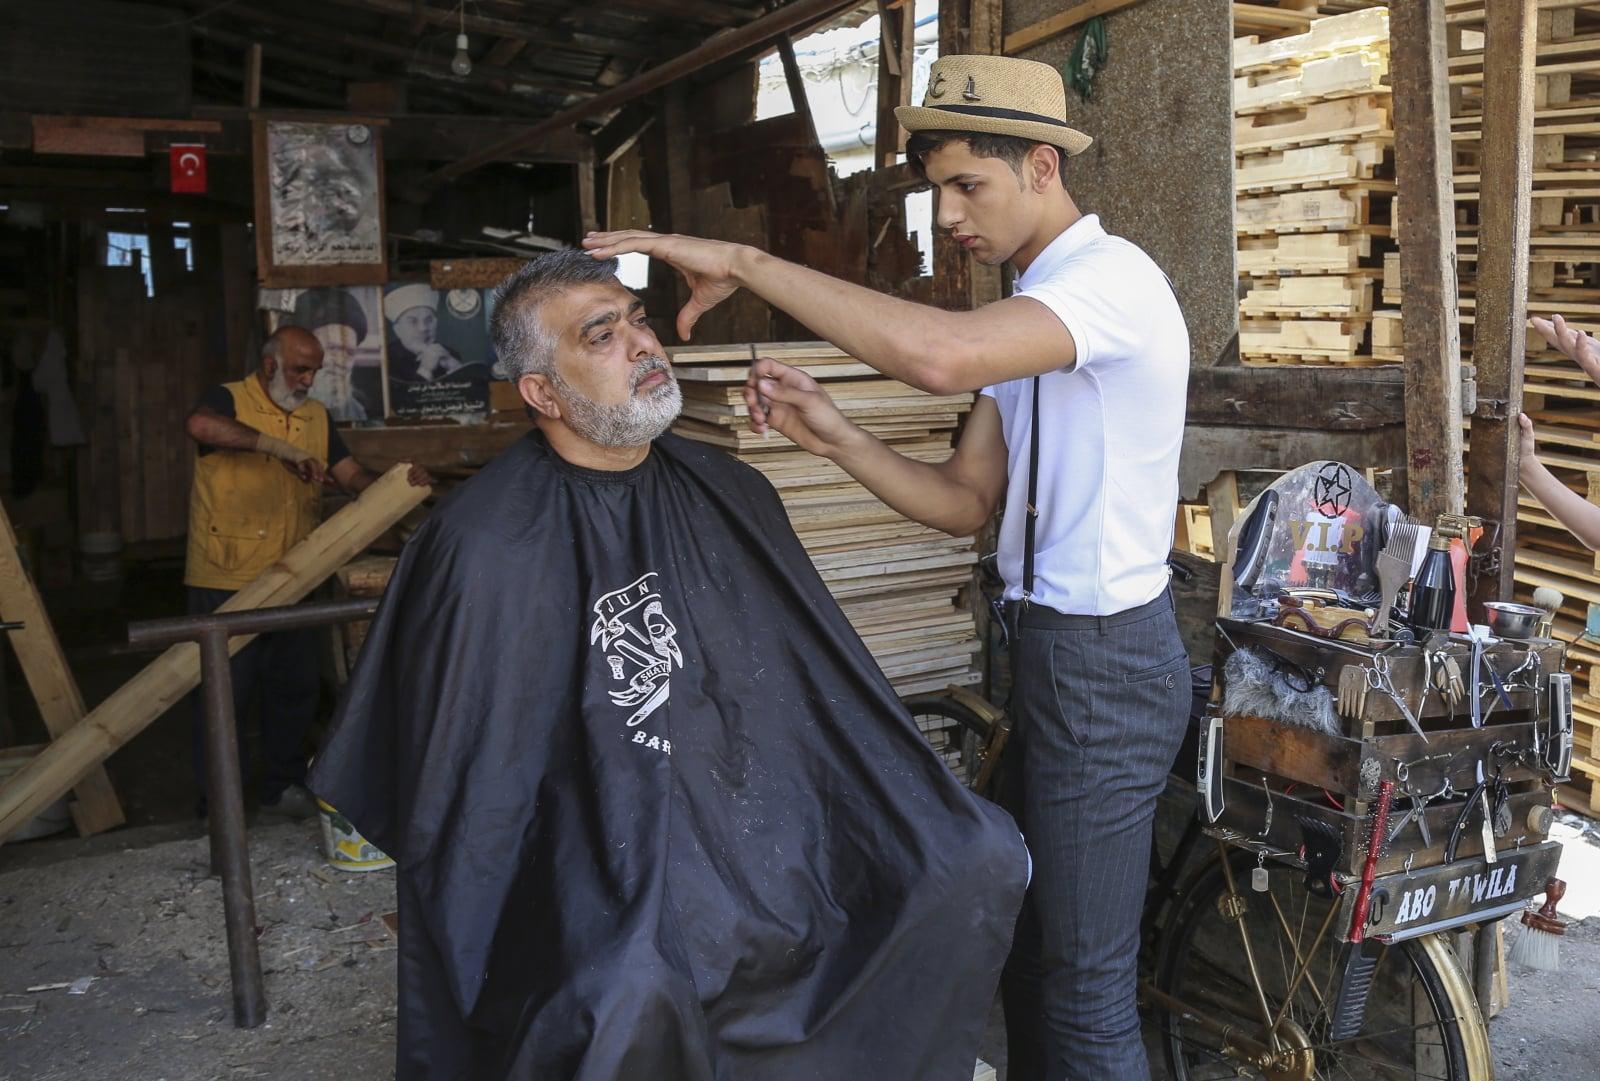 Libańczyk Mohammed Jahjah, który pracuje jako wędrowny barber, goli brodę swojemu klientowi na ulicy w obozie dla uchodźców w Bourj al-Barajneh, południowe przedmieścia Bejrutu, Liban, fot. EPA/NABIL MOUNZER